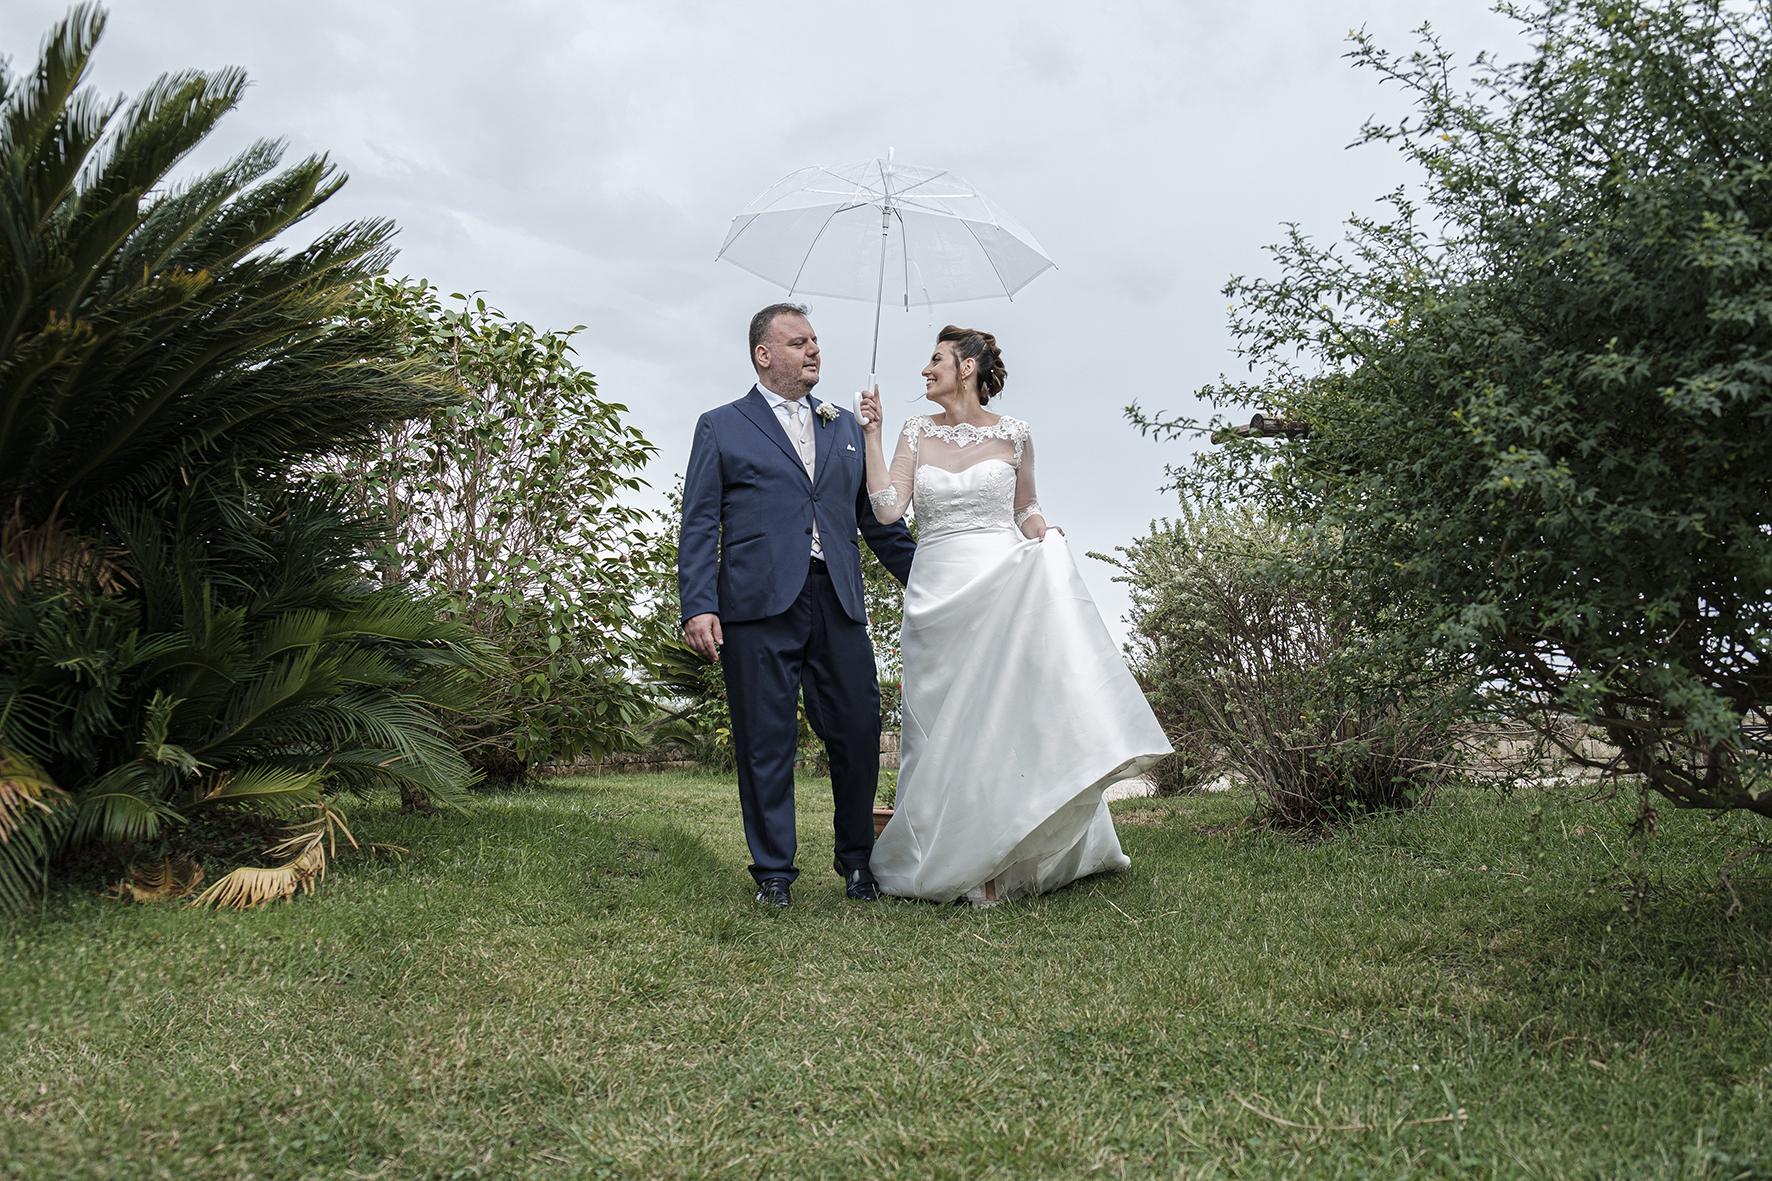 passeggiata degli sposi sotto la pioggia